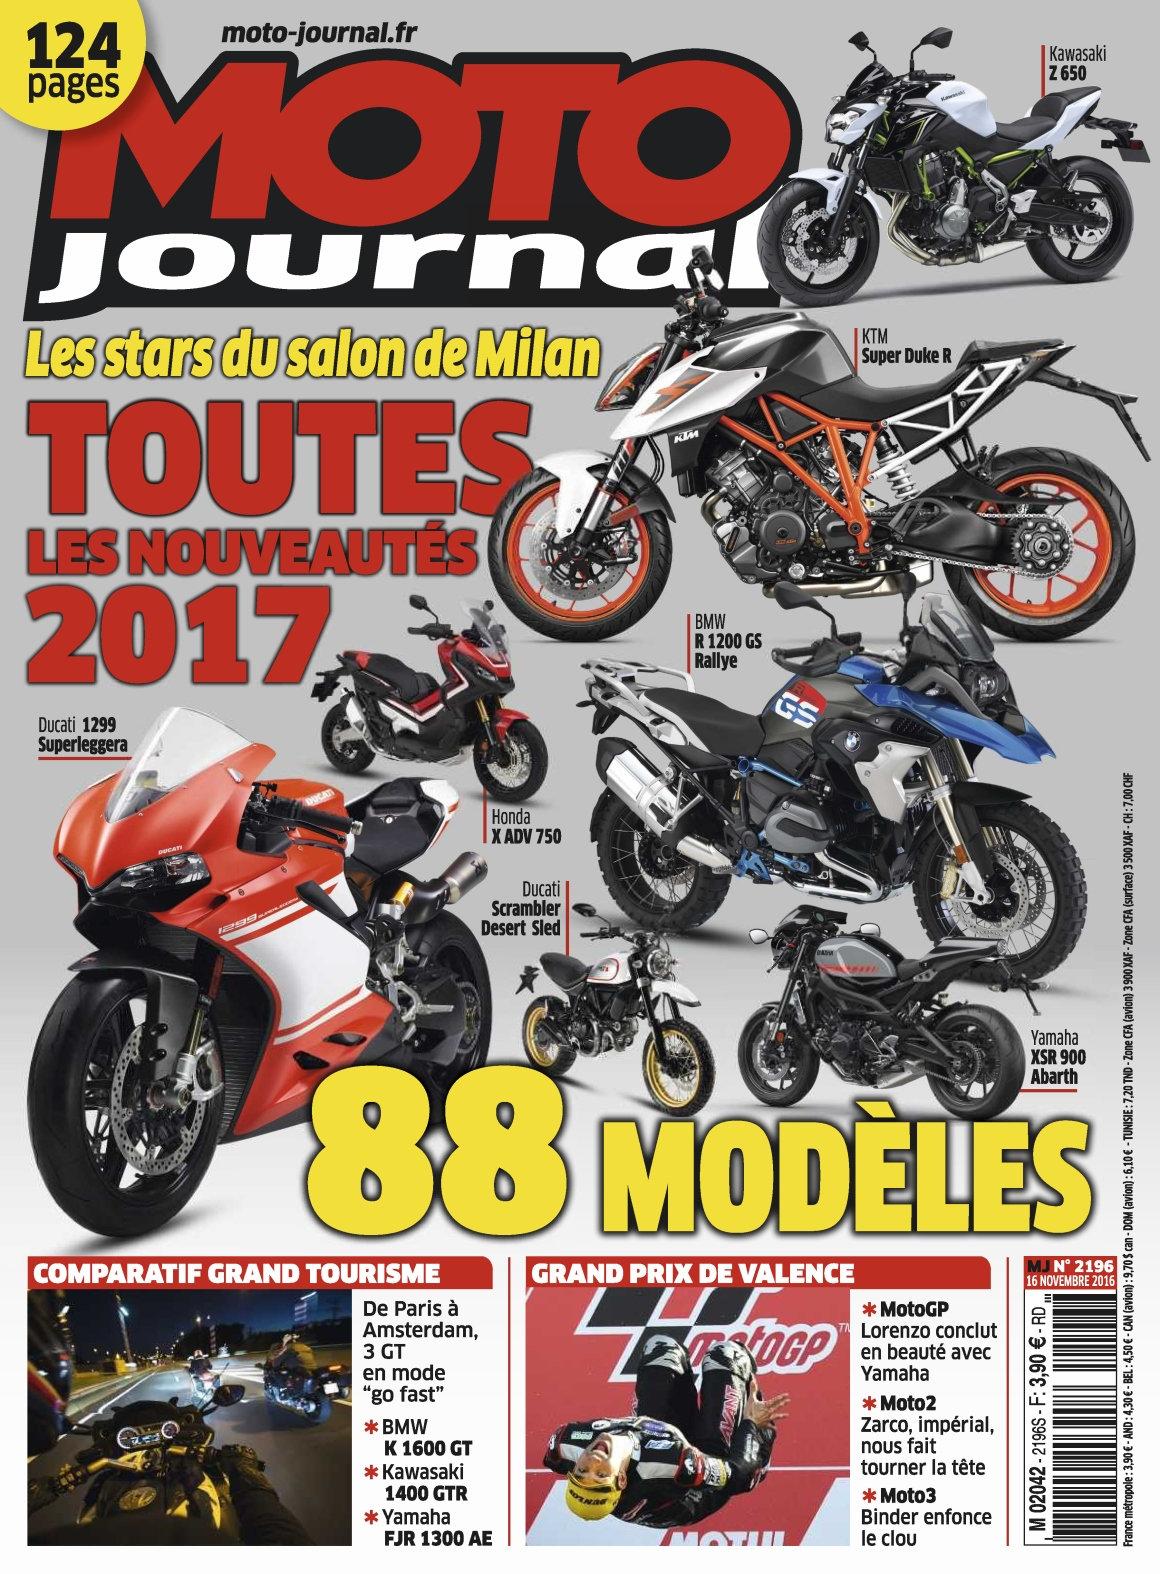 Moto Journal 2196 - 16 Novembre 2016